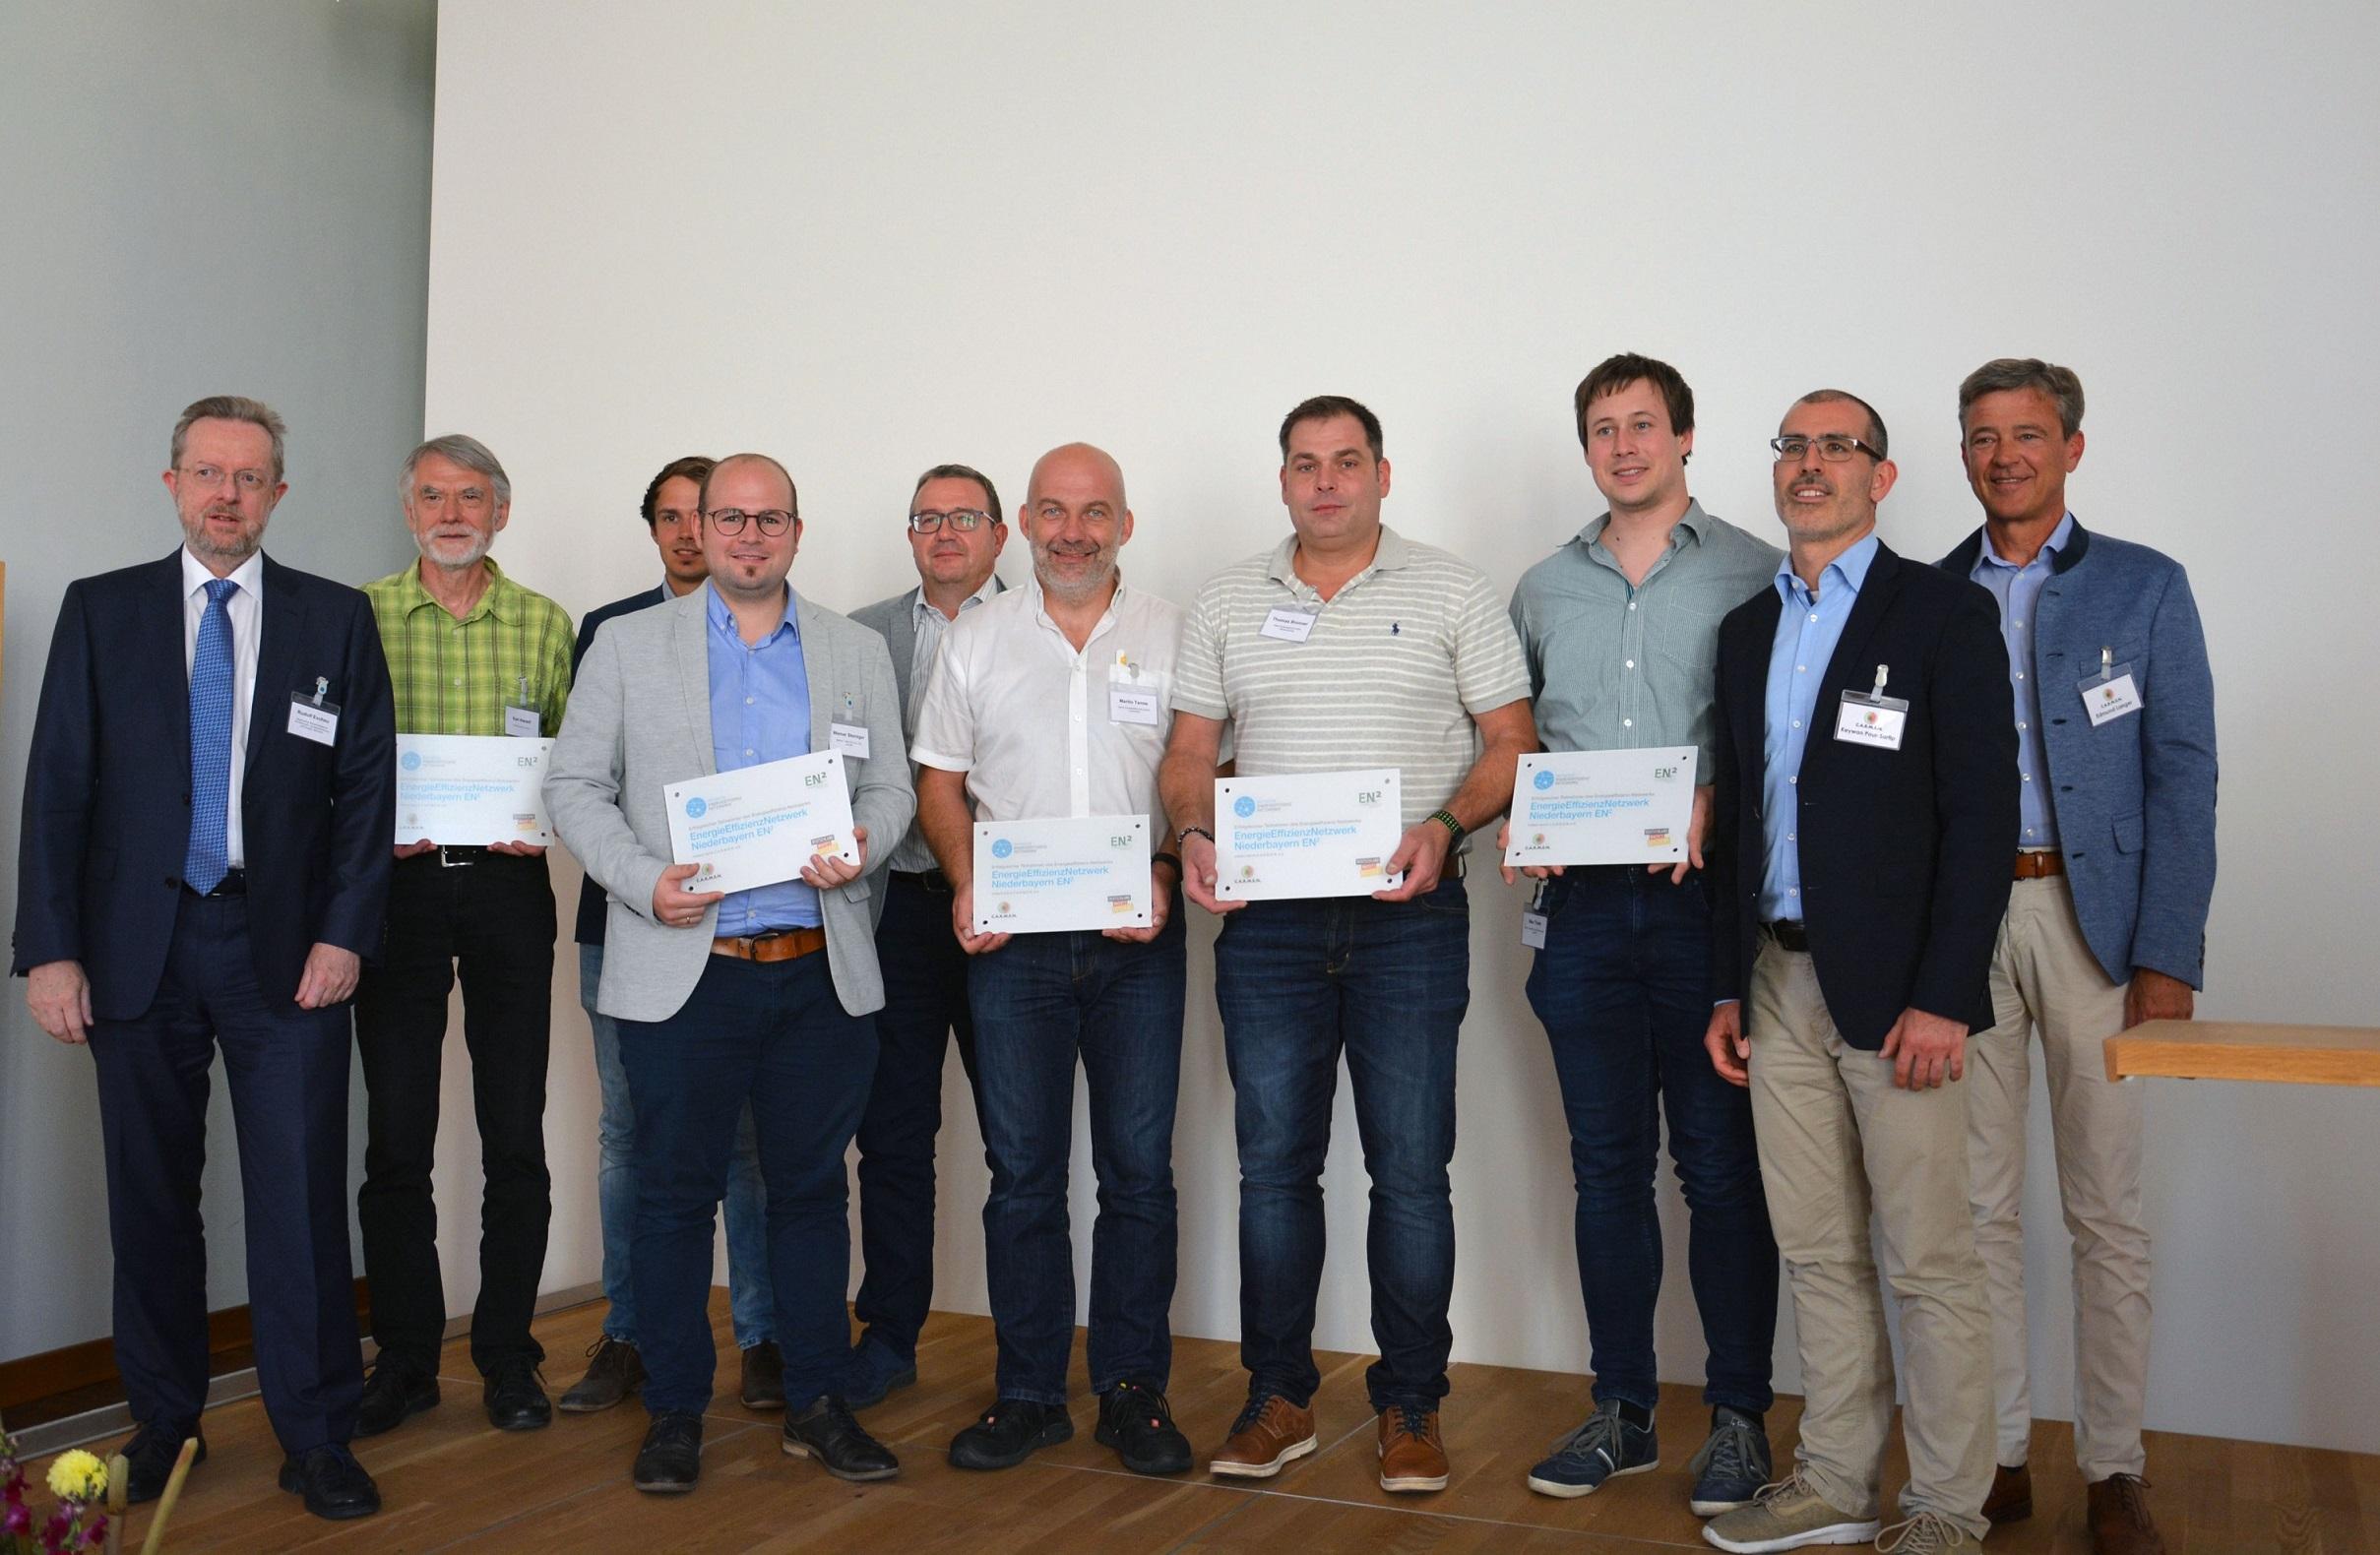 Nach zwei Jahren Laufzeit: Erfolgreicher Abschluss des EnergieEffizienzNetzwerks Niederbayern EN²